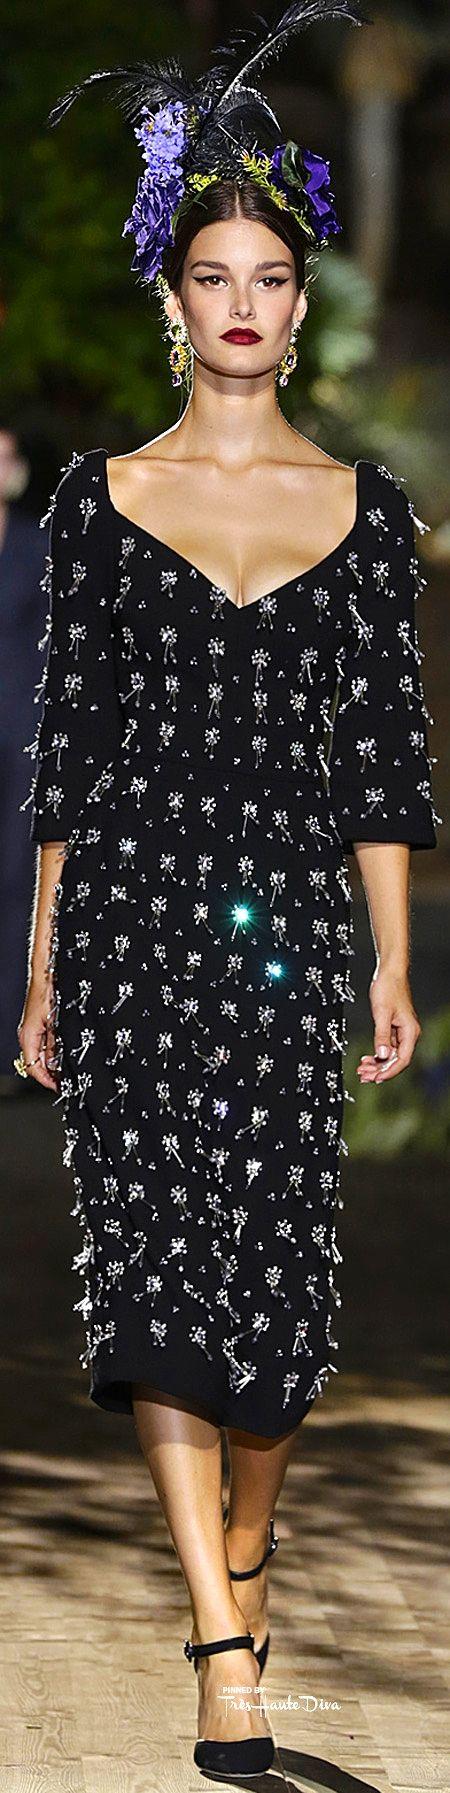 Abito invernale di Dolce & Gabbana Alta Moda